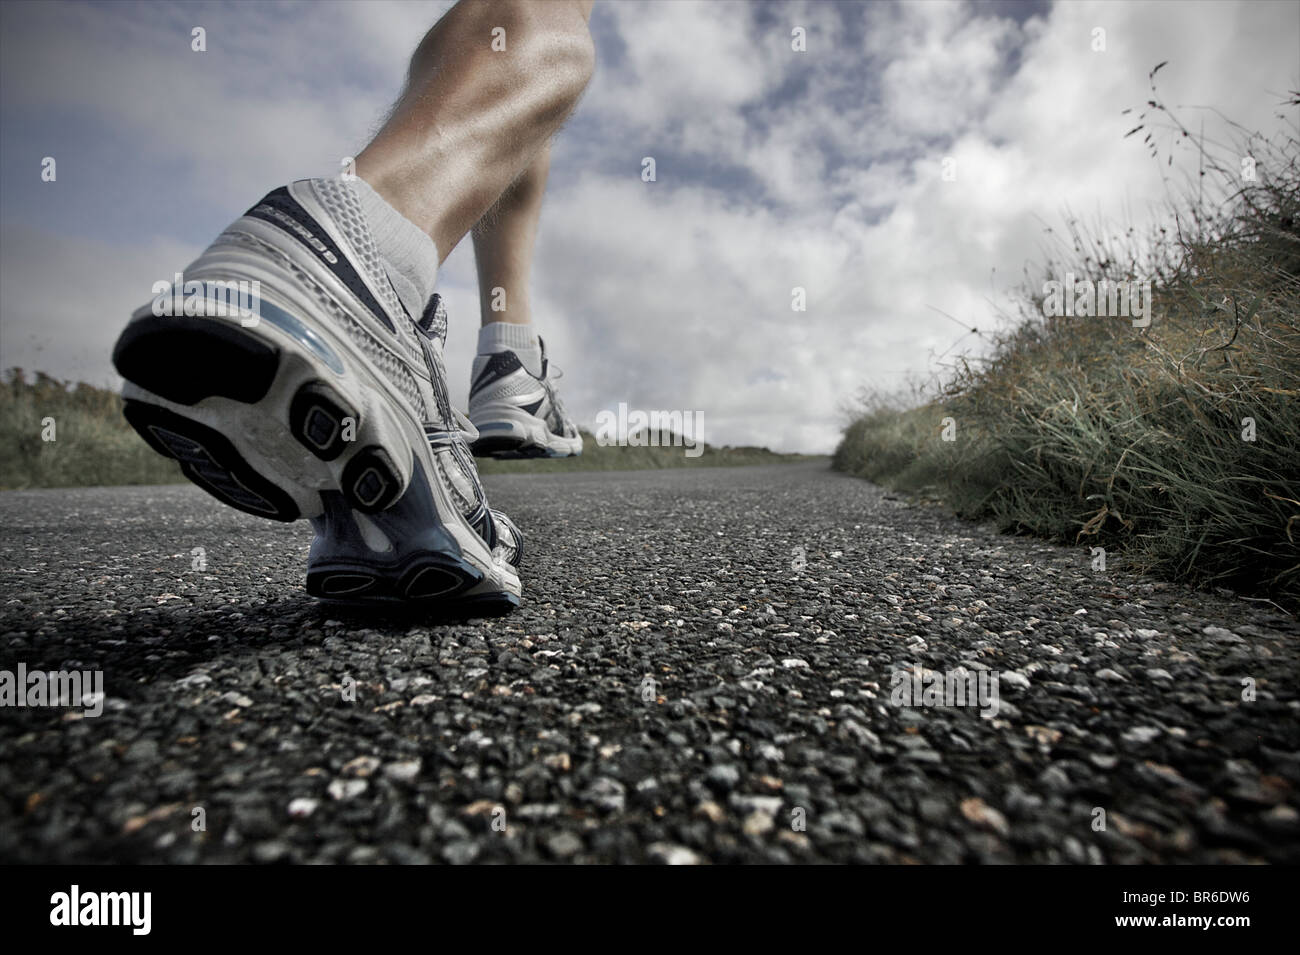 Ein enger, niedrigen Winkel Anzeigen eines männlichen Athleten laufen über eine Asphaltstraße mit Stockbild